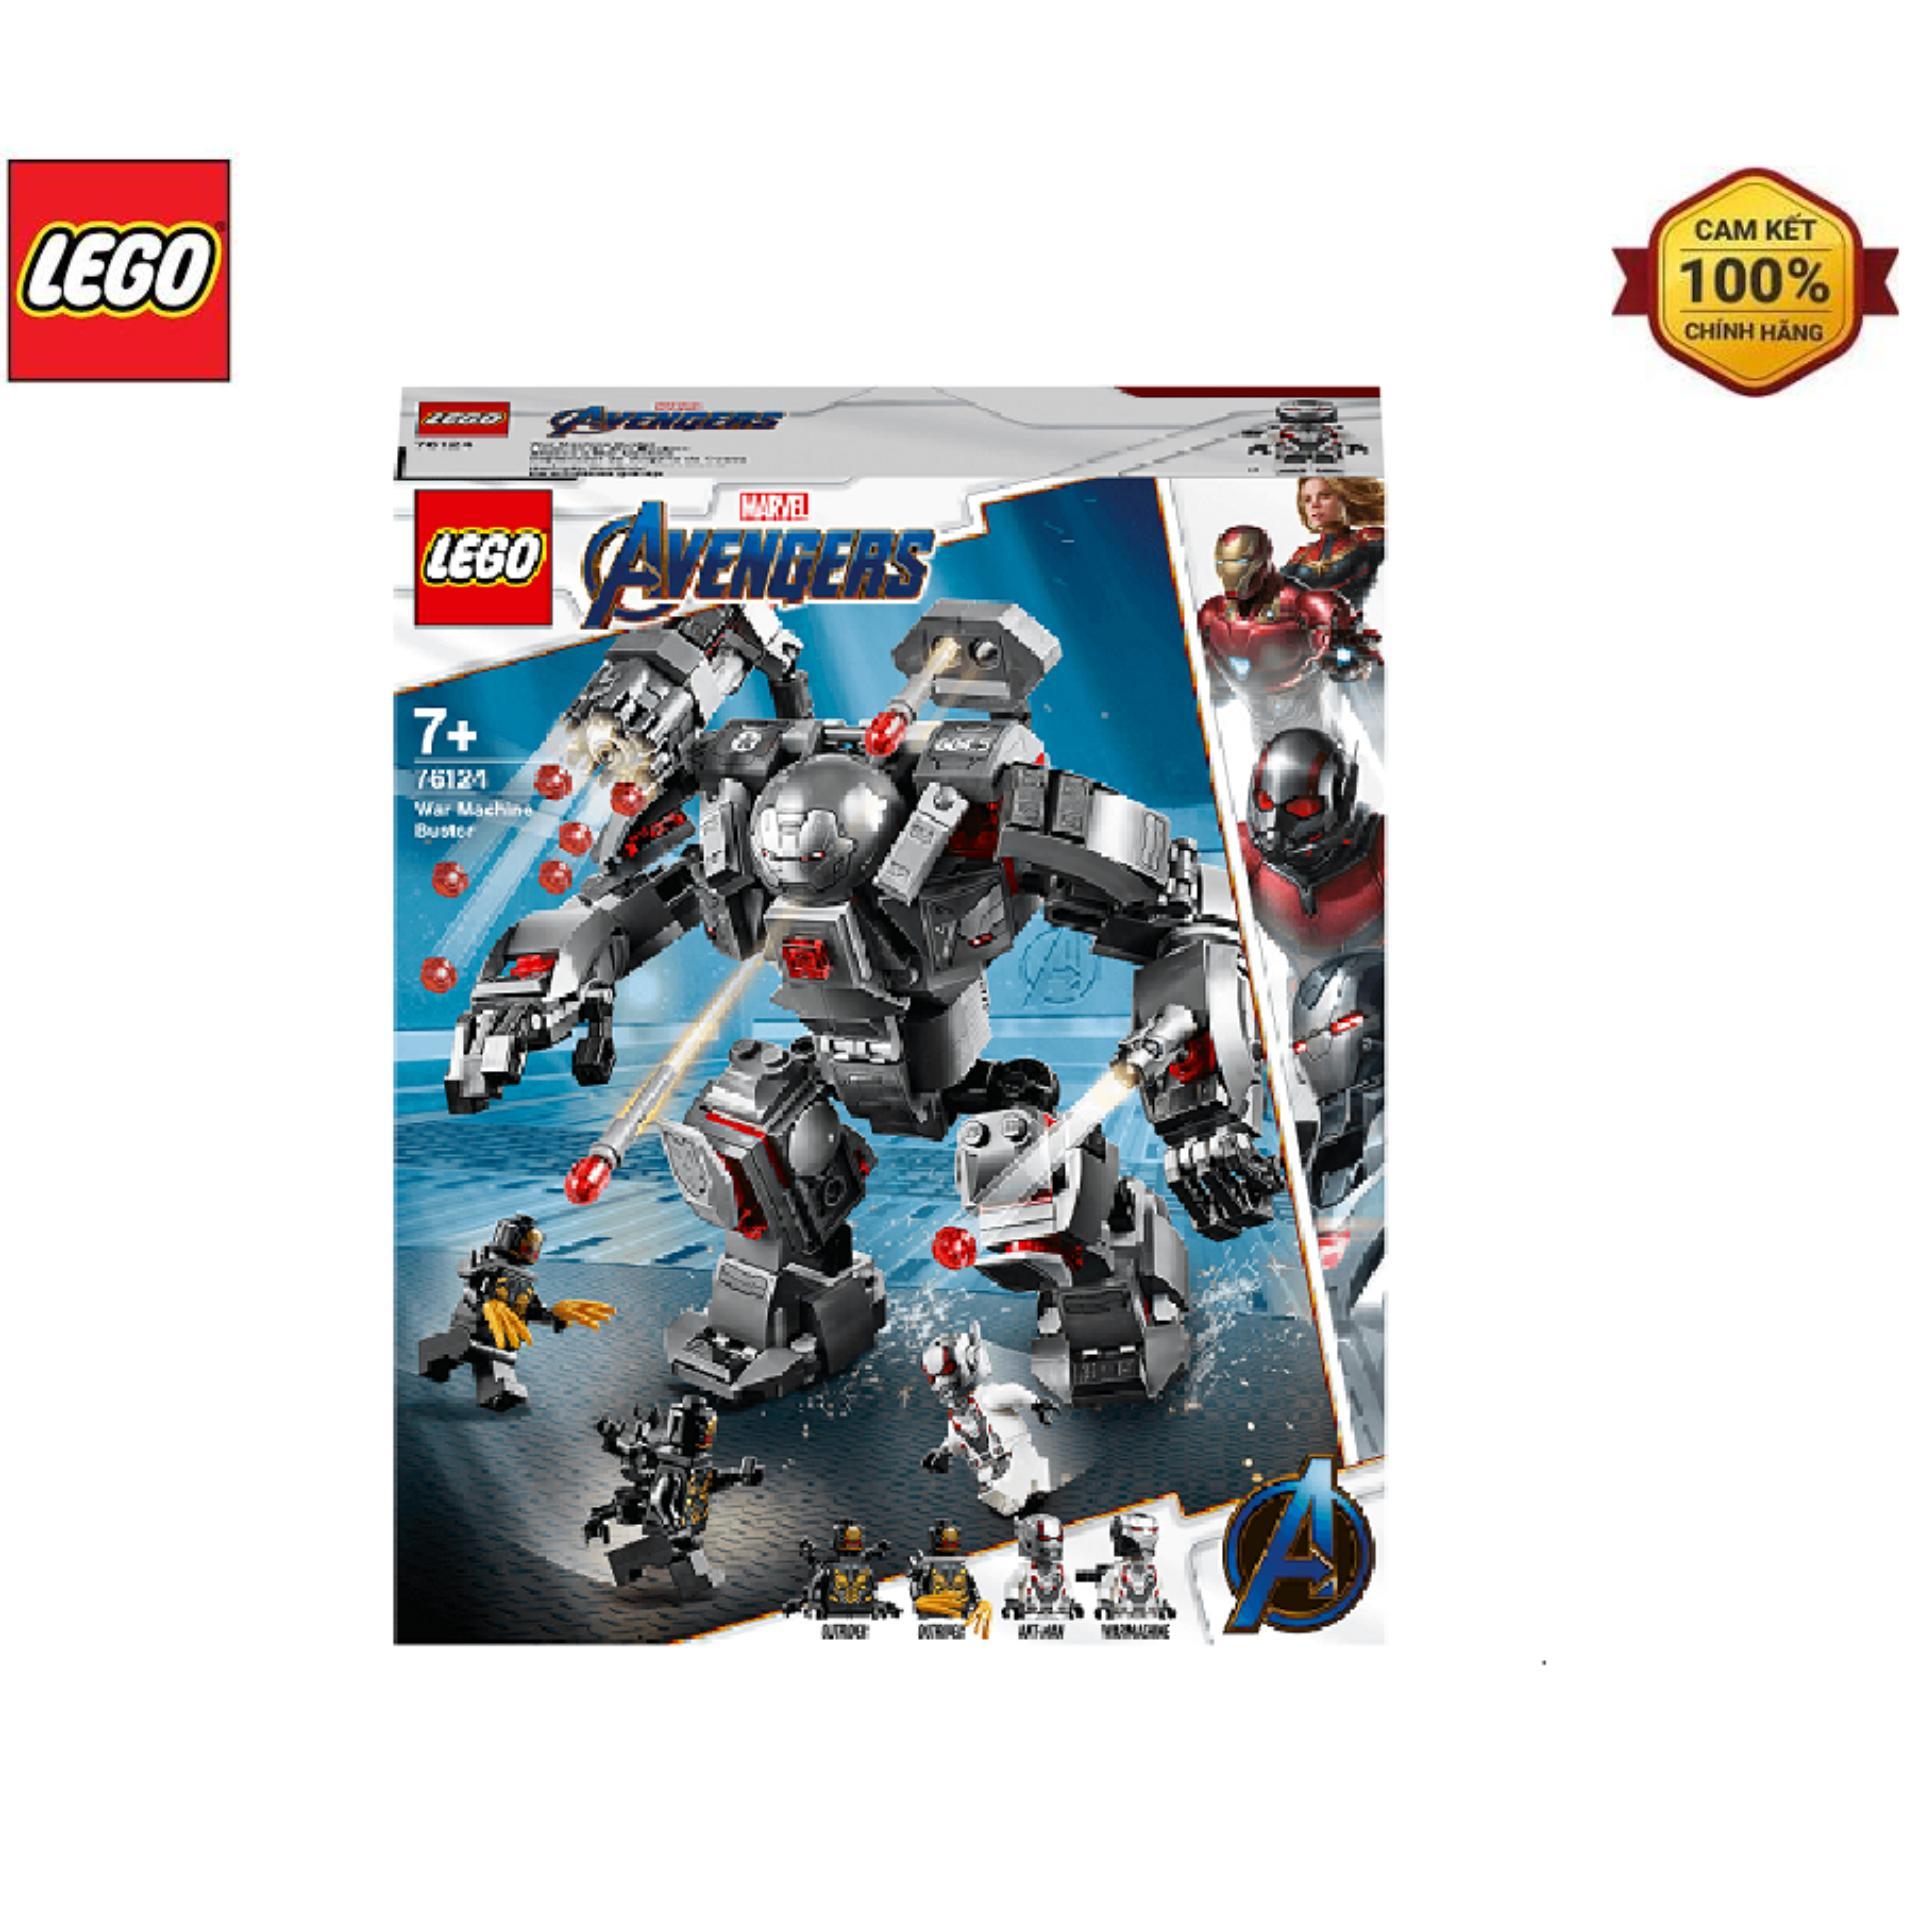 Voucher Khuyến Mại Mô Hình Lắp Ráp LEGO Chiến Giáp Siêu Anh Hùng Đại Chiến 76124